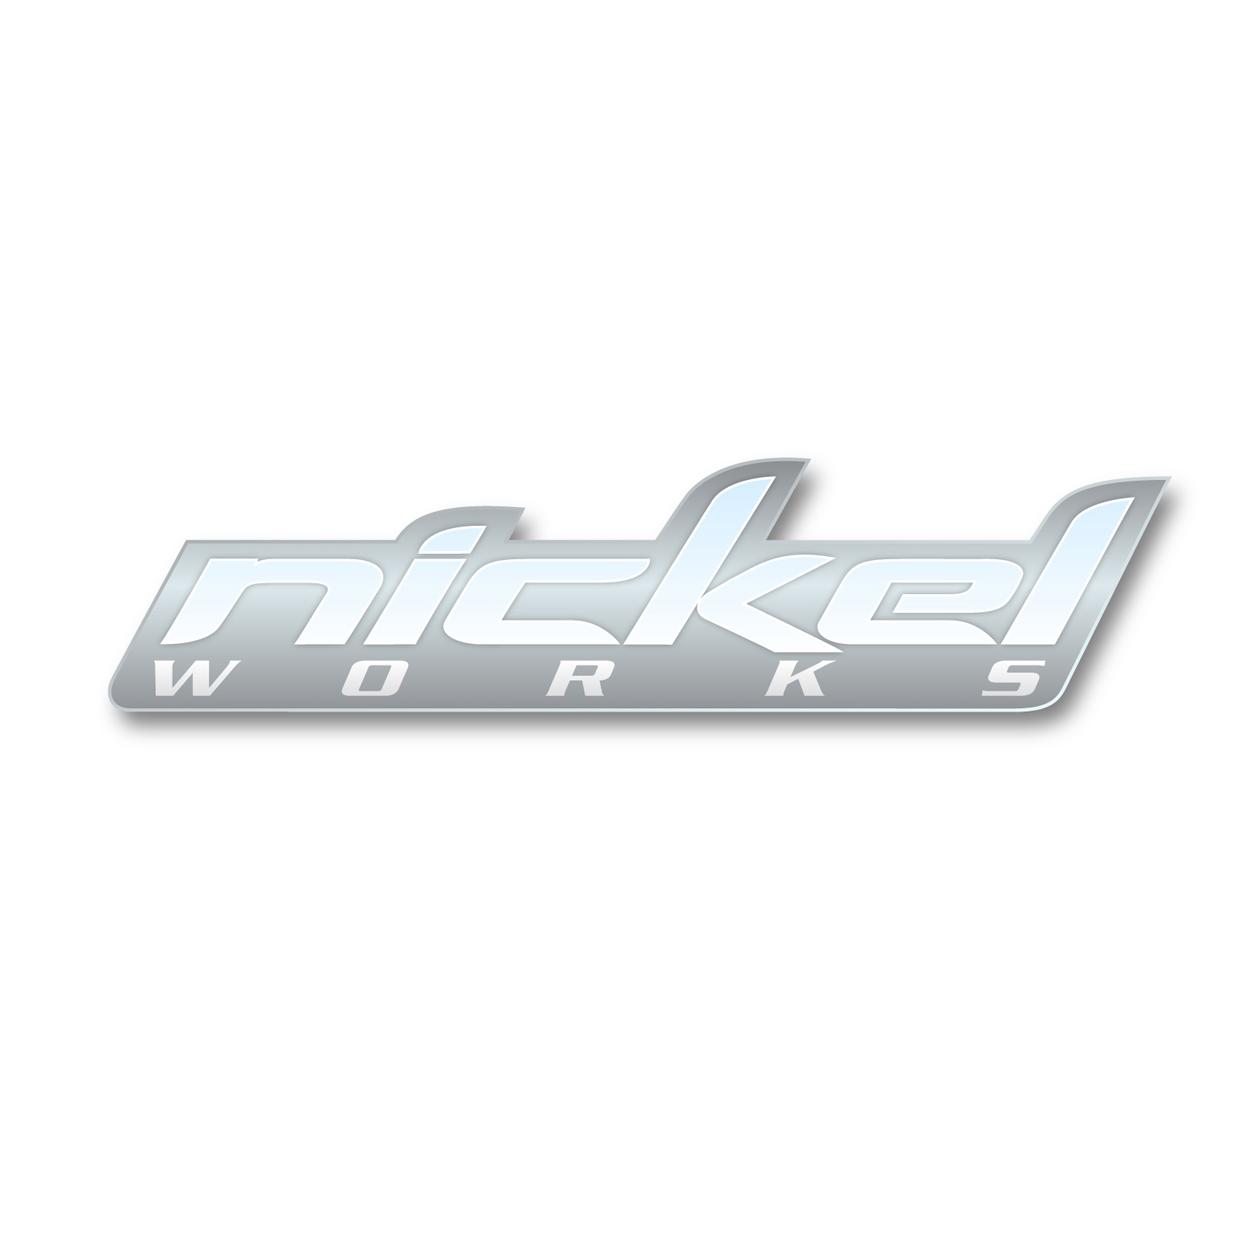 nickelworks_logo.jpg